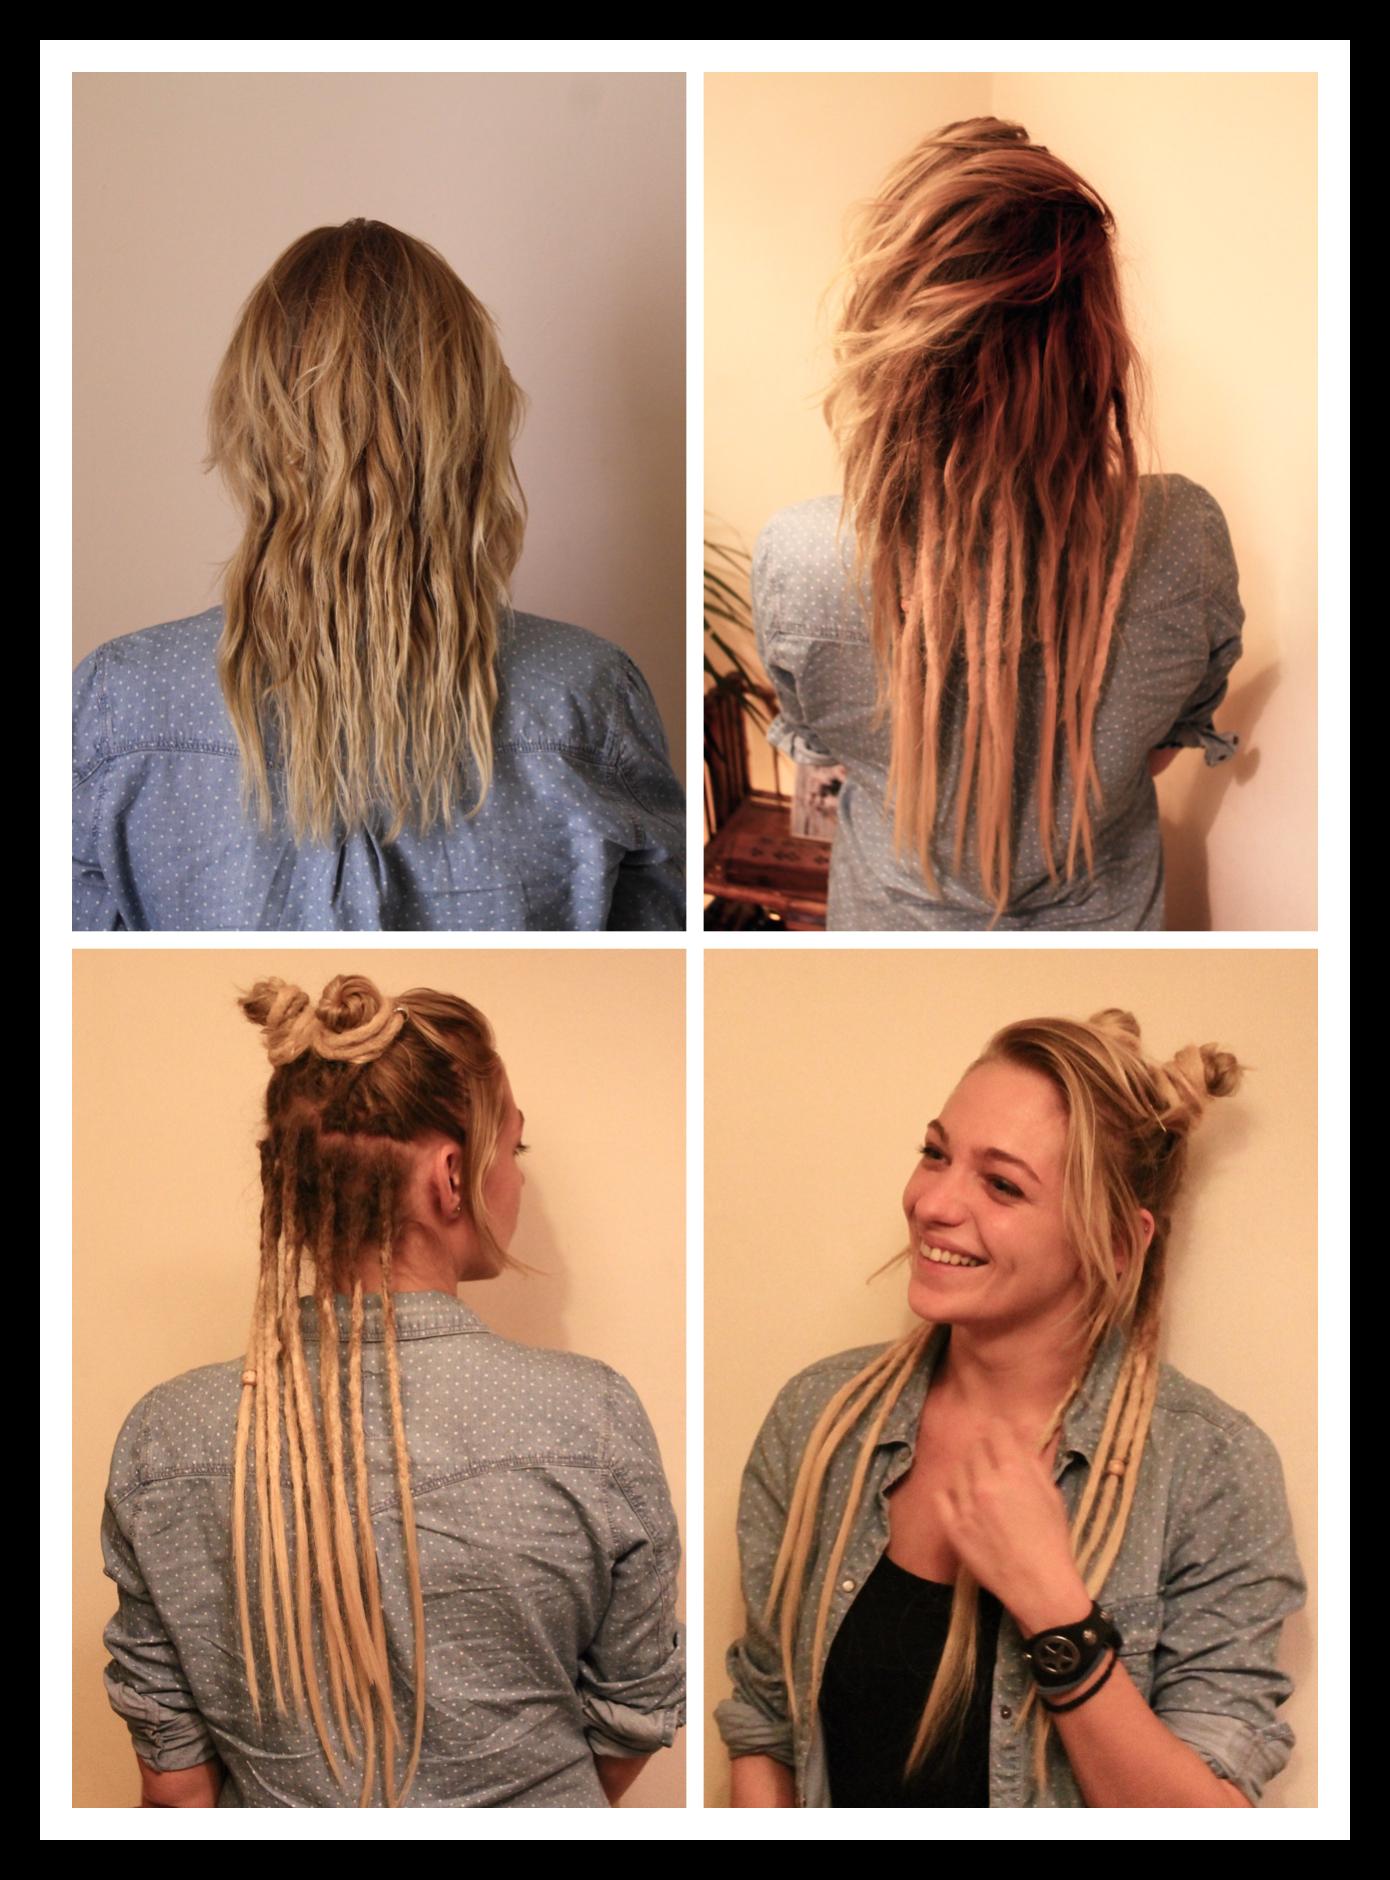 J Aime Beaucoup Experimenter Avec Les Dreads Tous Les Jours Differents Chignons Une Idee C Est De Les Tourner Com Hippie Hair Hair Styles Half Dreaded Hair